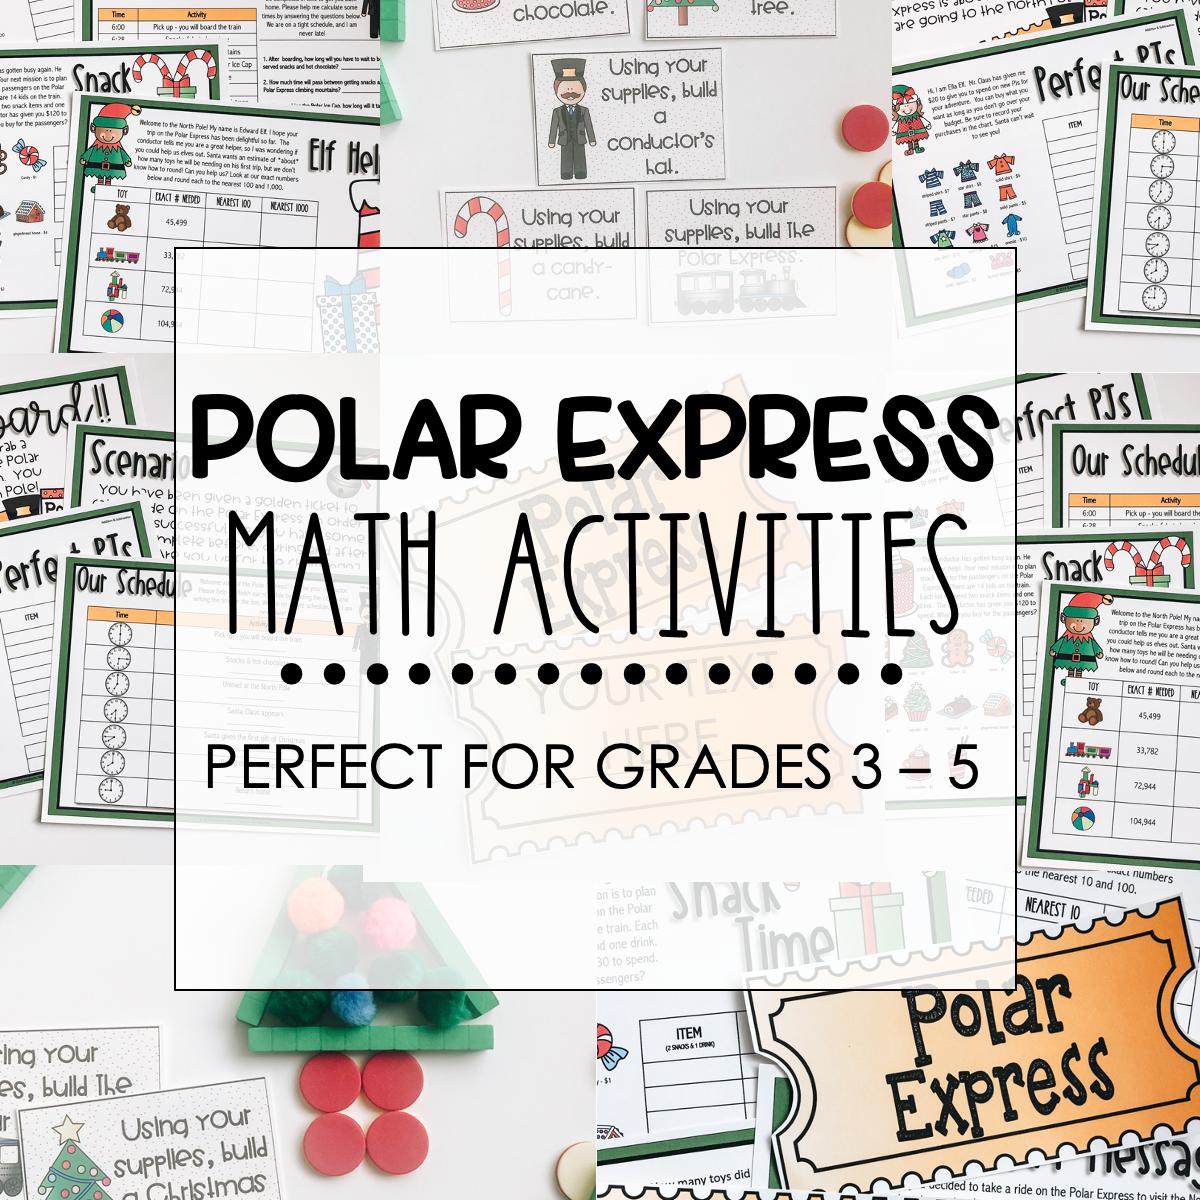 polar-express-math-activities